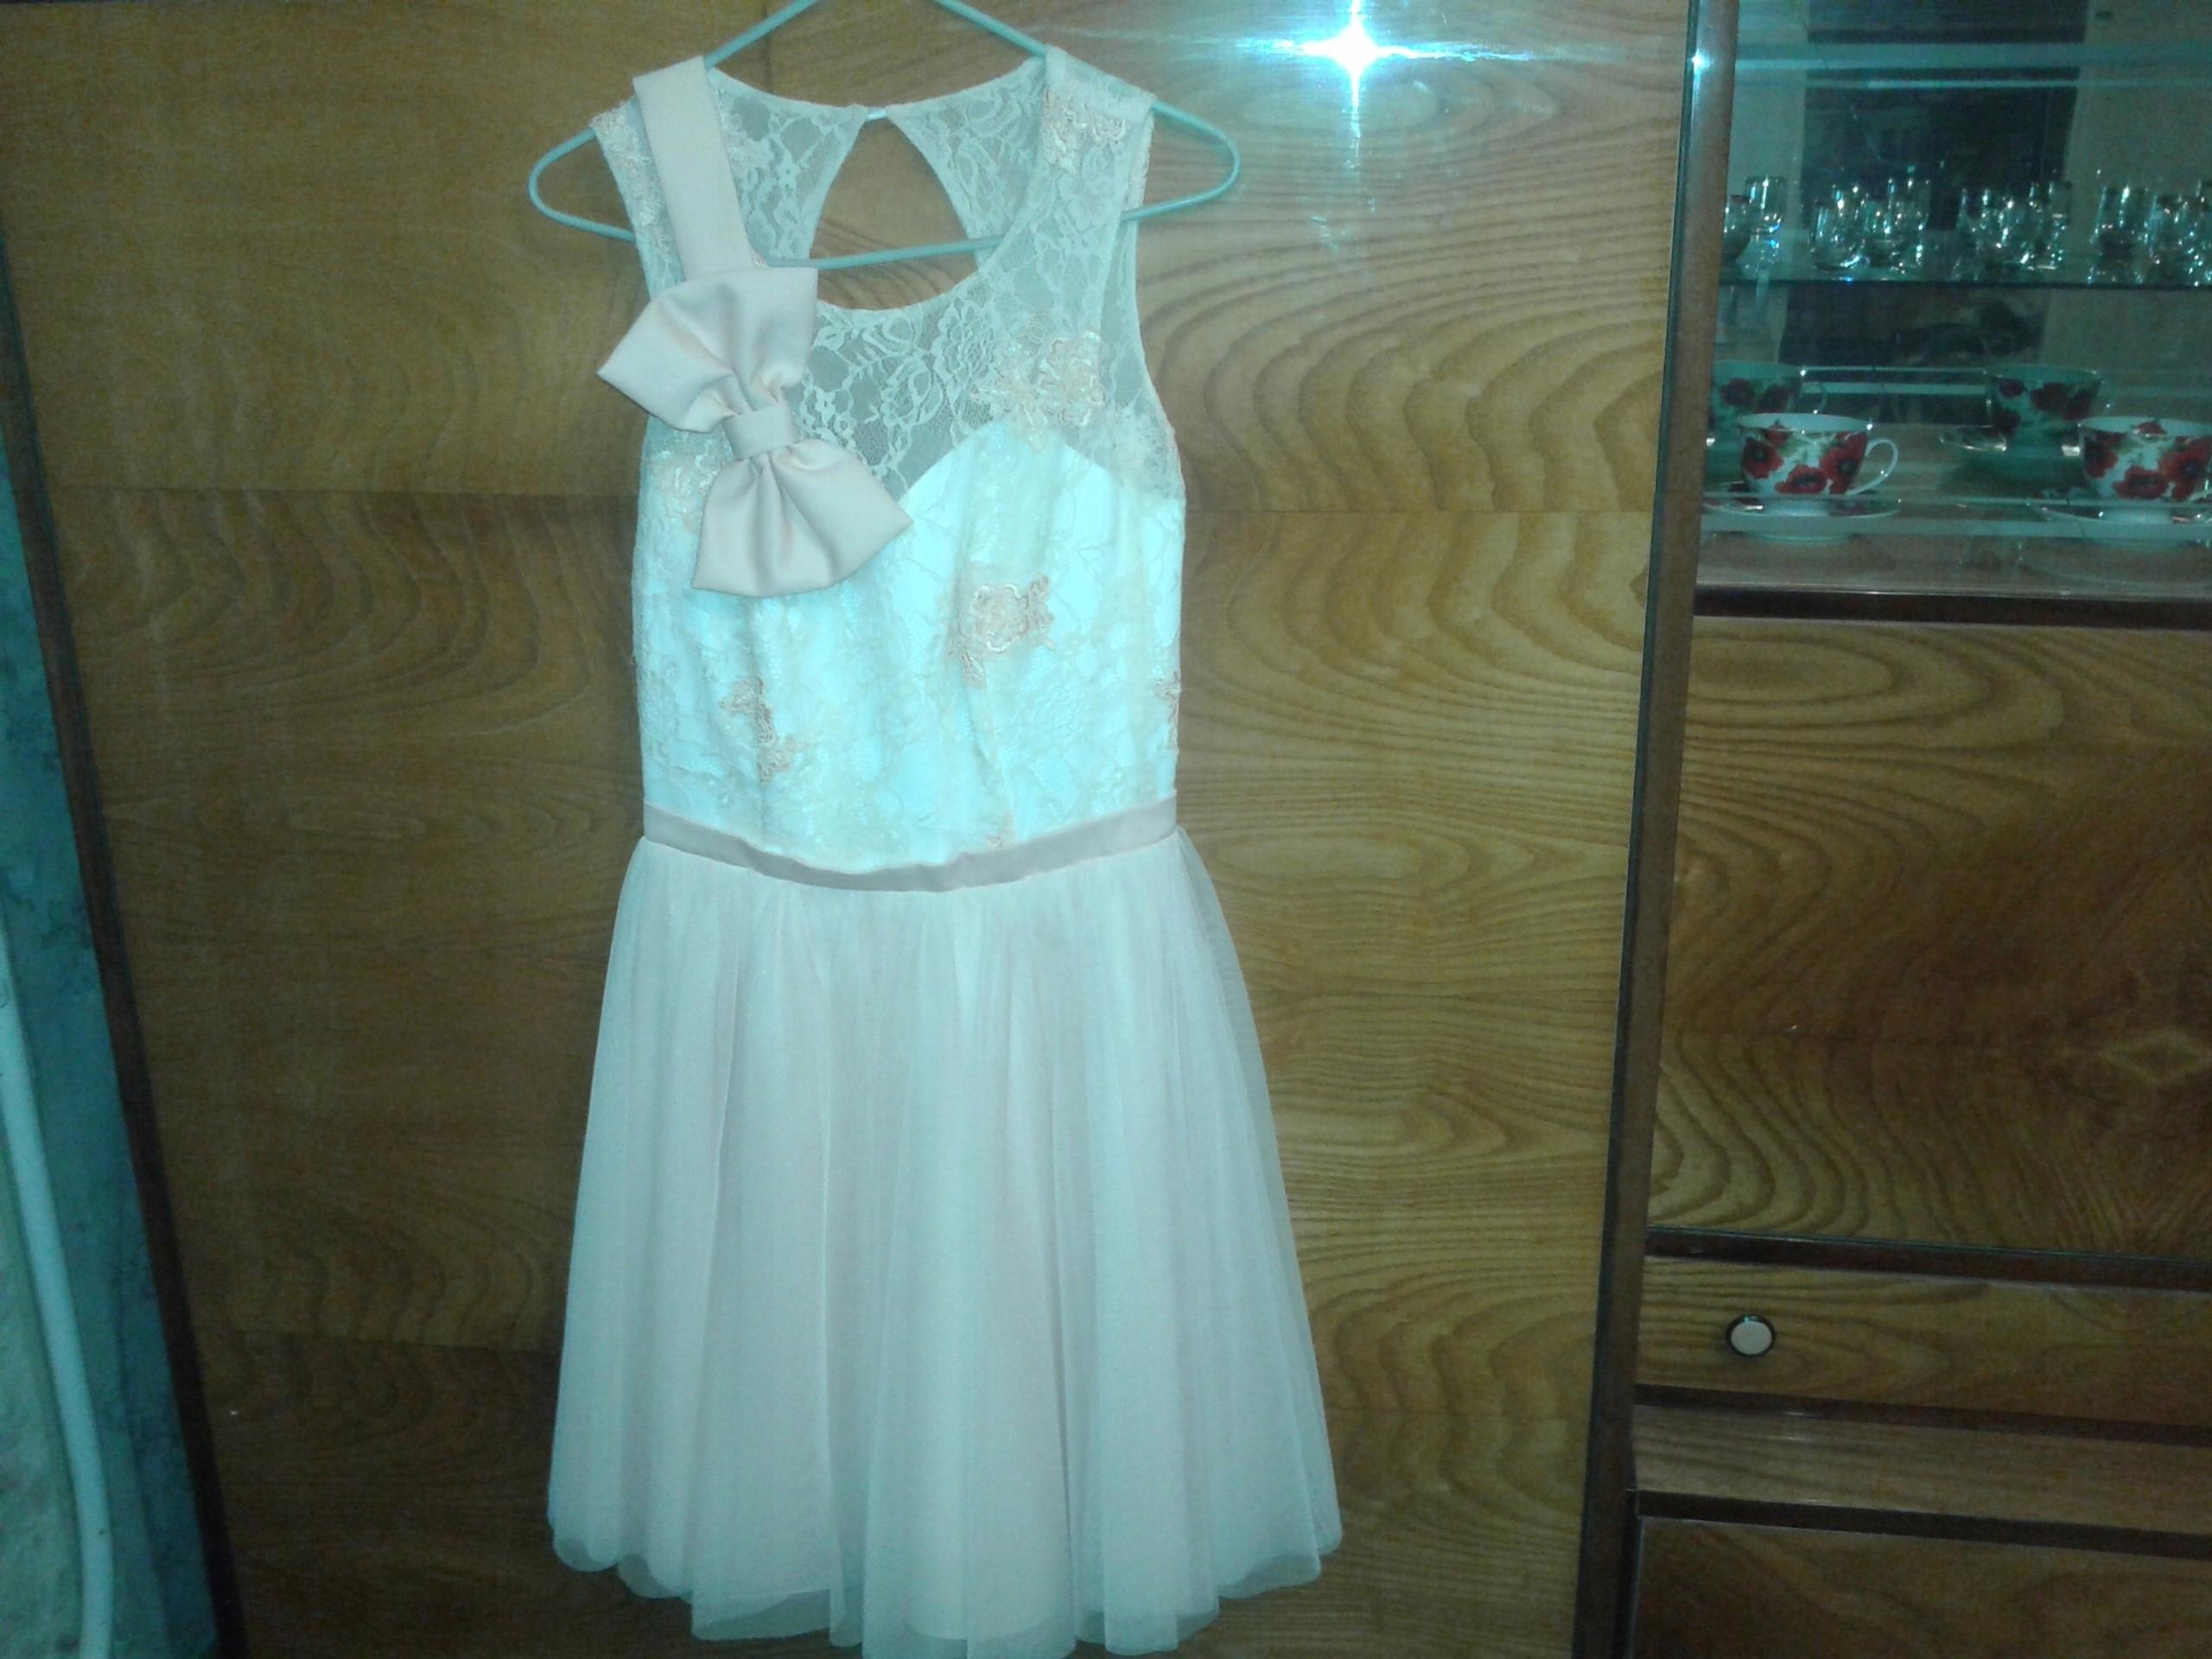 279d8f398f Różowa Sukienka Tiulowa Rozkloszowana Na Wesele - 7574652062 ...